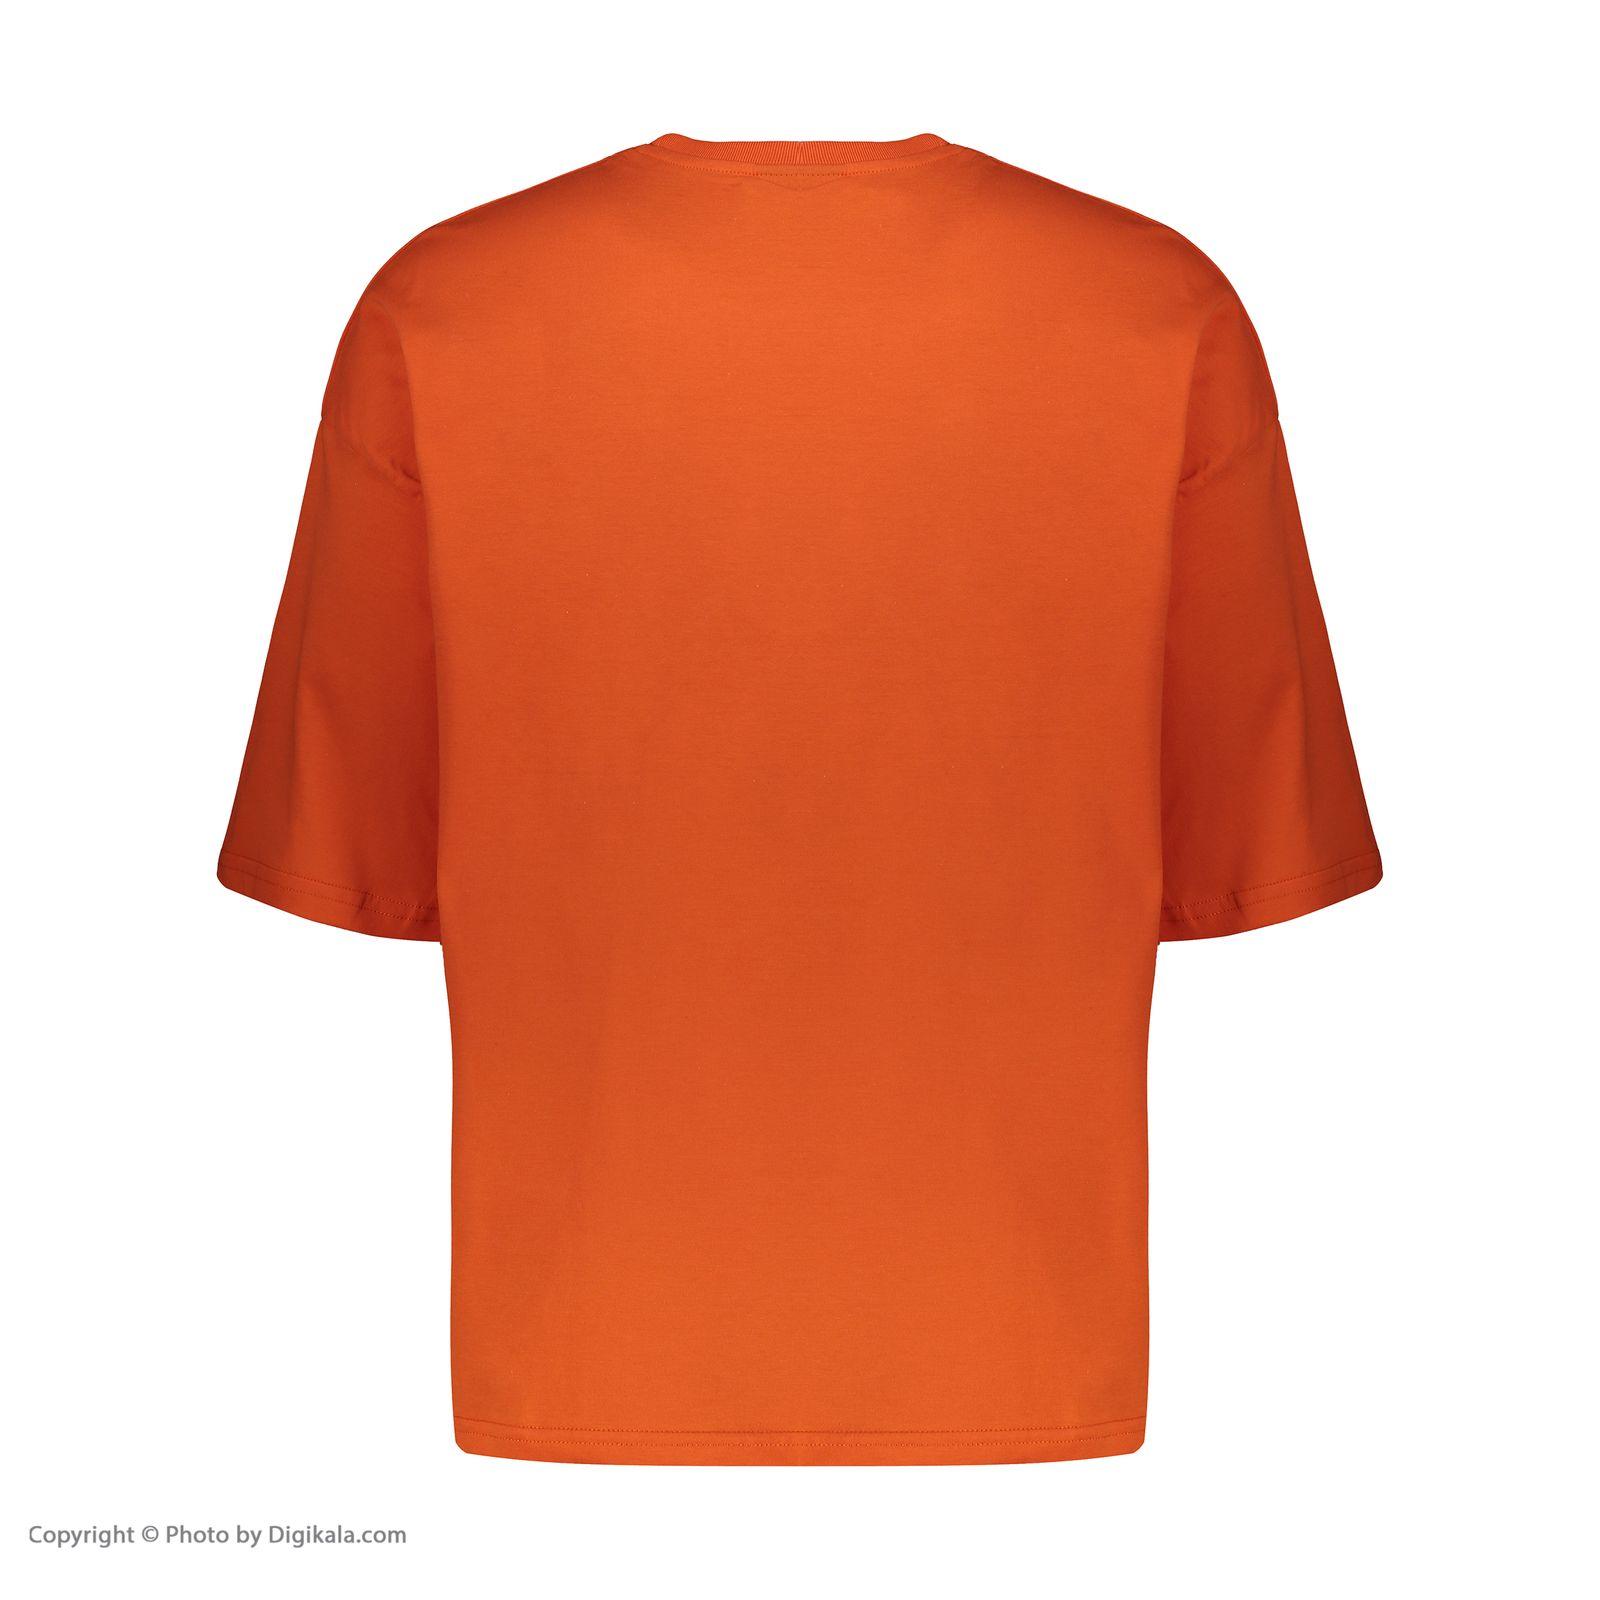 تی شرت ورزشی مردانه یونی پرو مدل 911119303-30 -  - 4